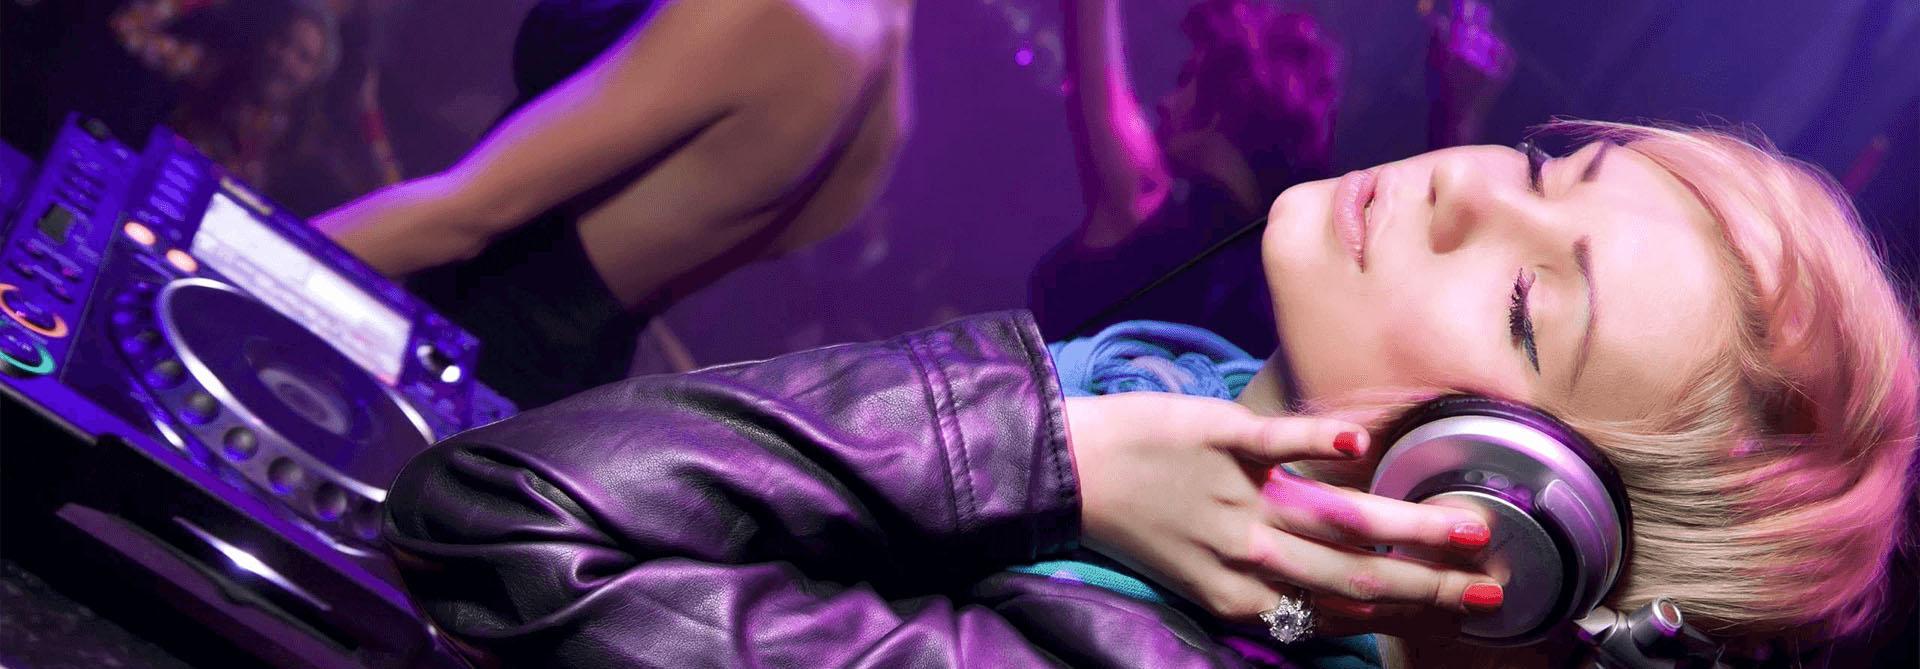 广州尊海演艺文化传播有限公司版权所有